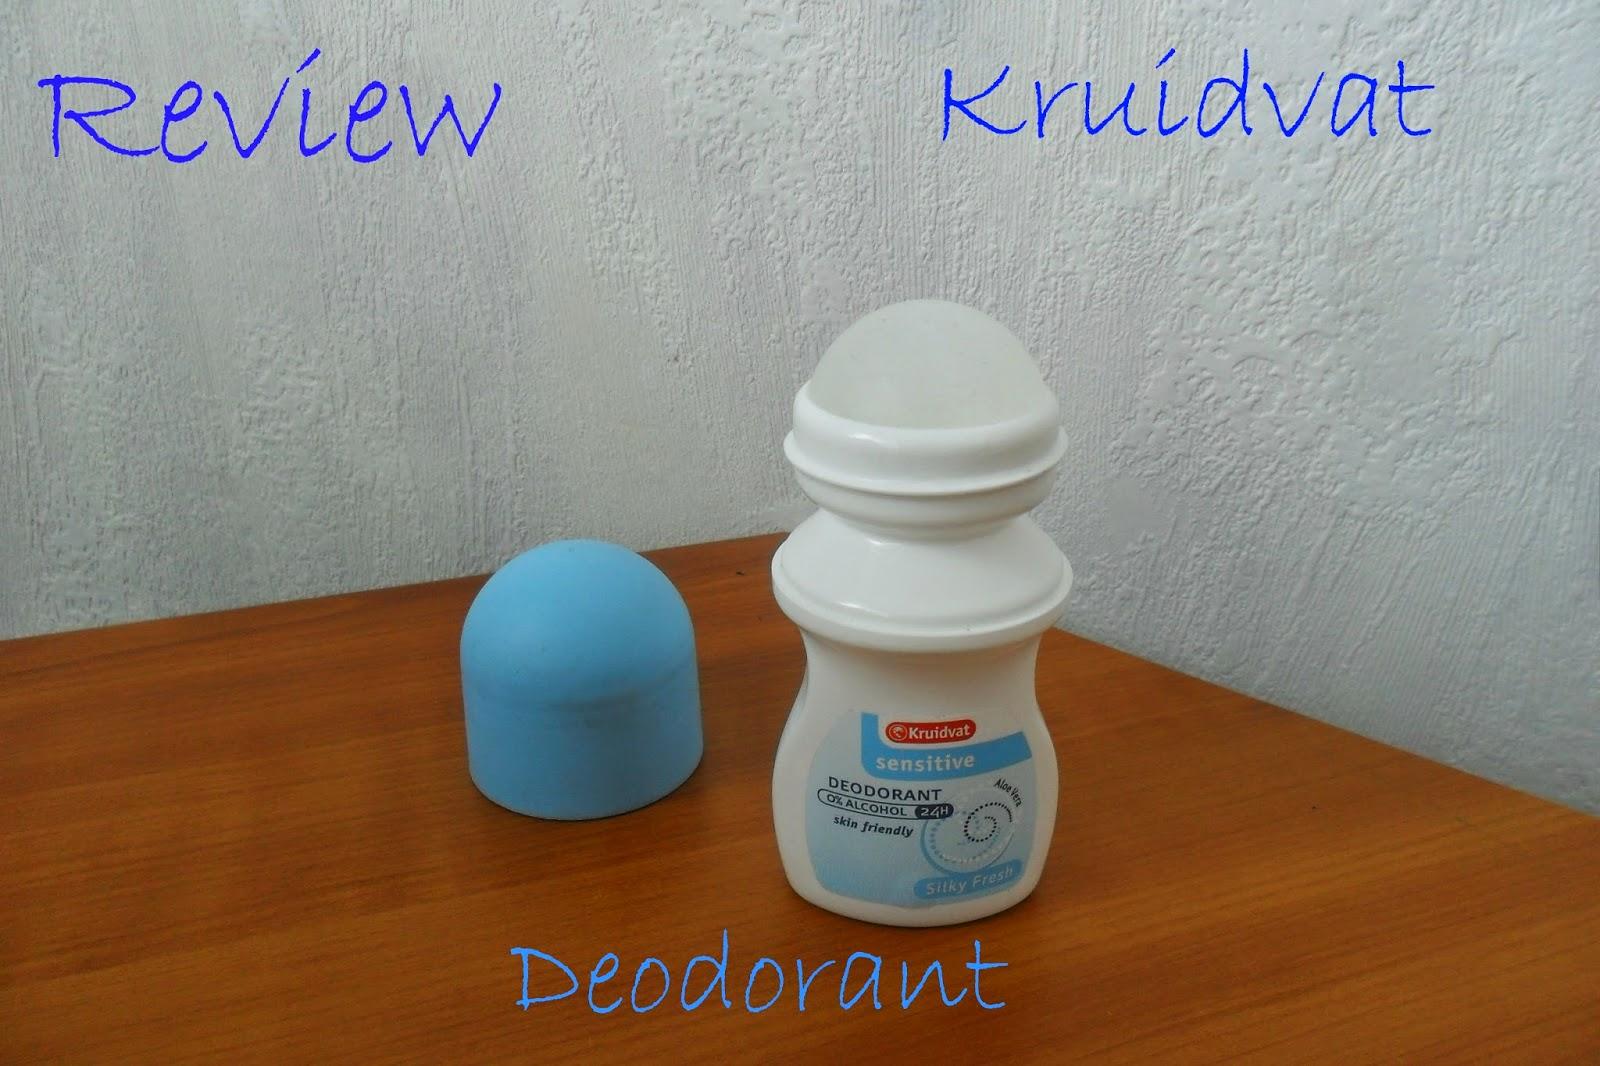 Mylifeasfanta Review Kruidvat Deodorant Roller